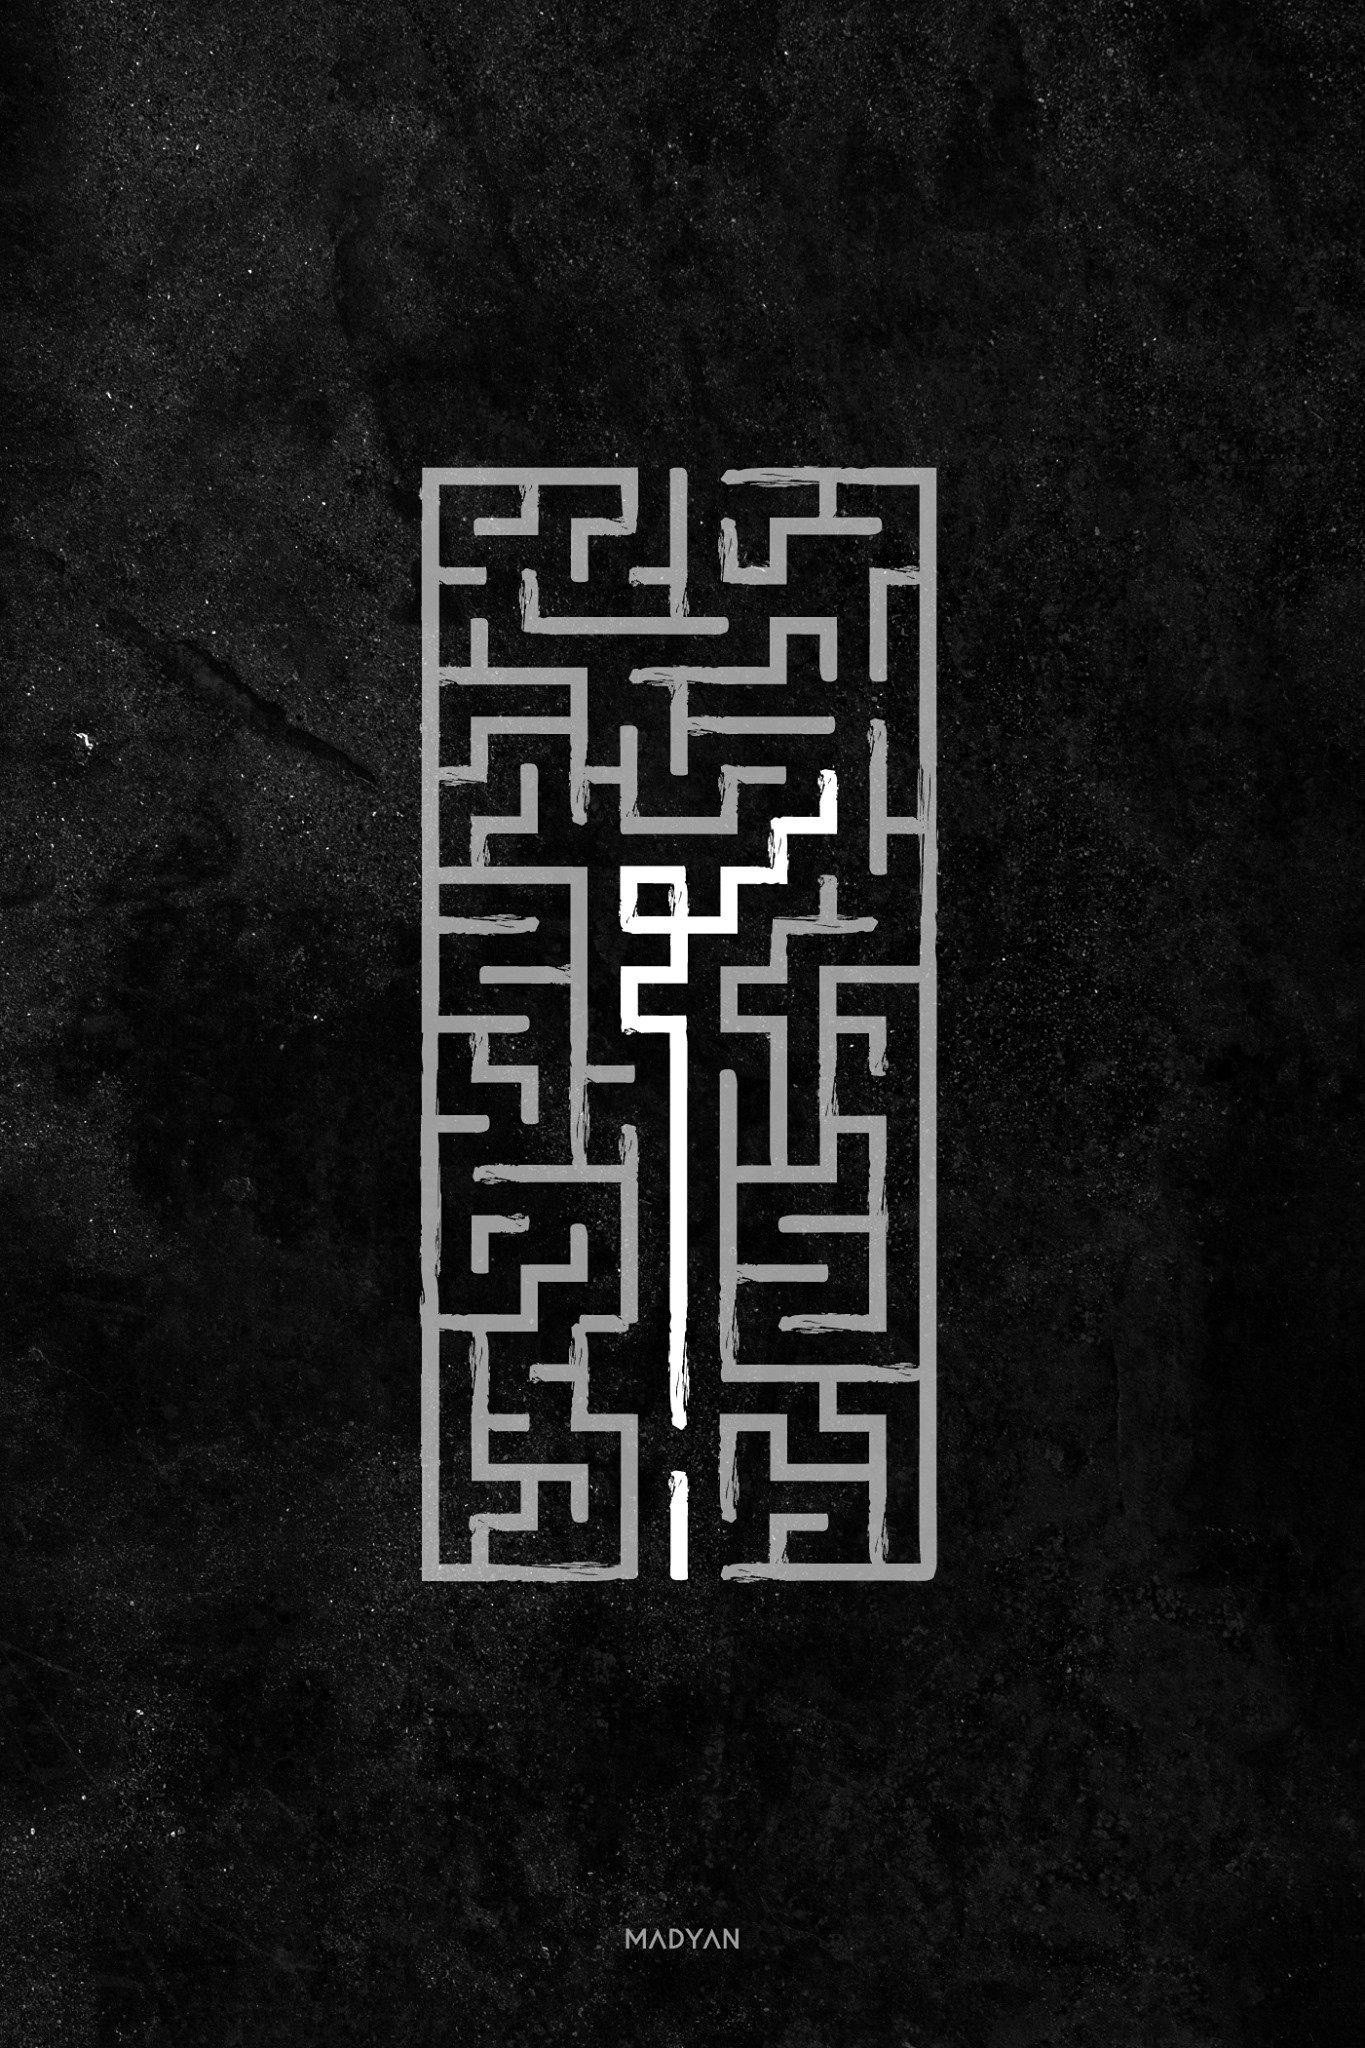 صور خلفيات سوداء مكتوب عليها كلام حكم ومواعظ للموبايل ايفون ٢٠٢٠